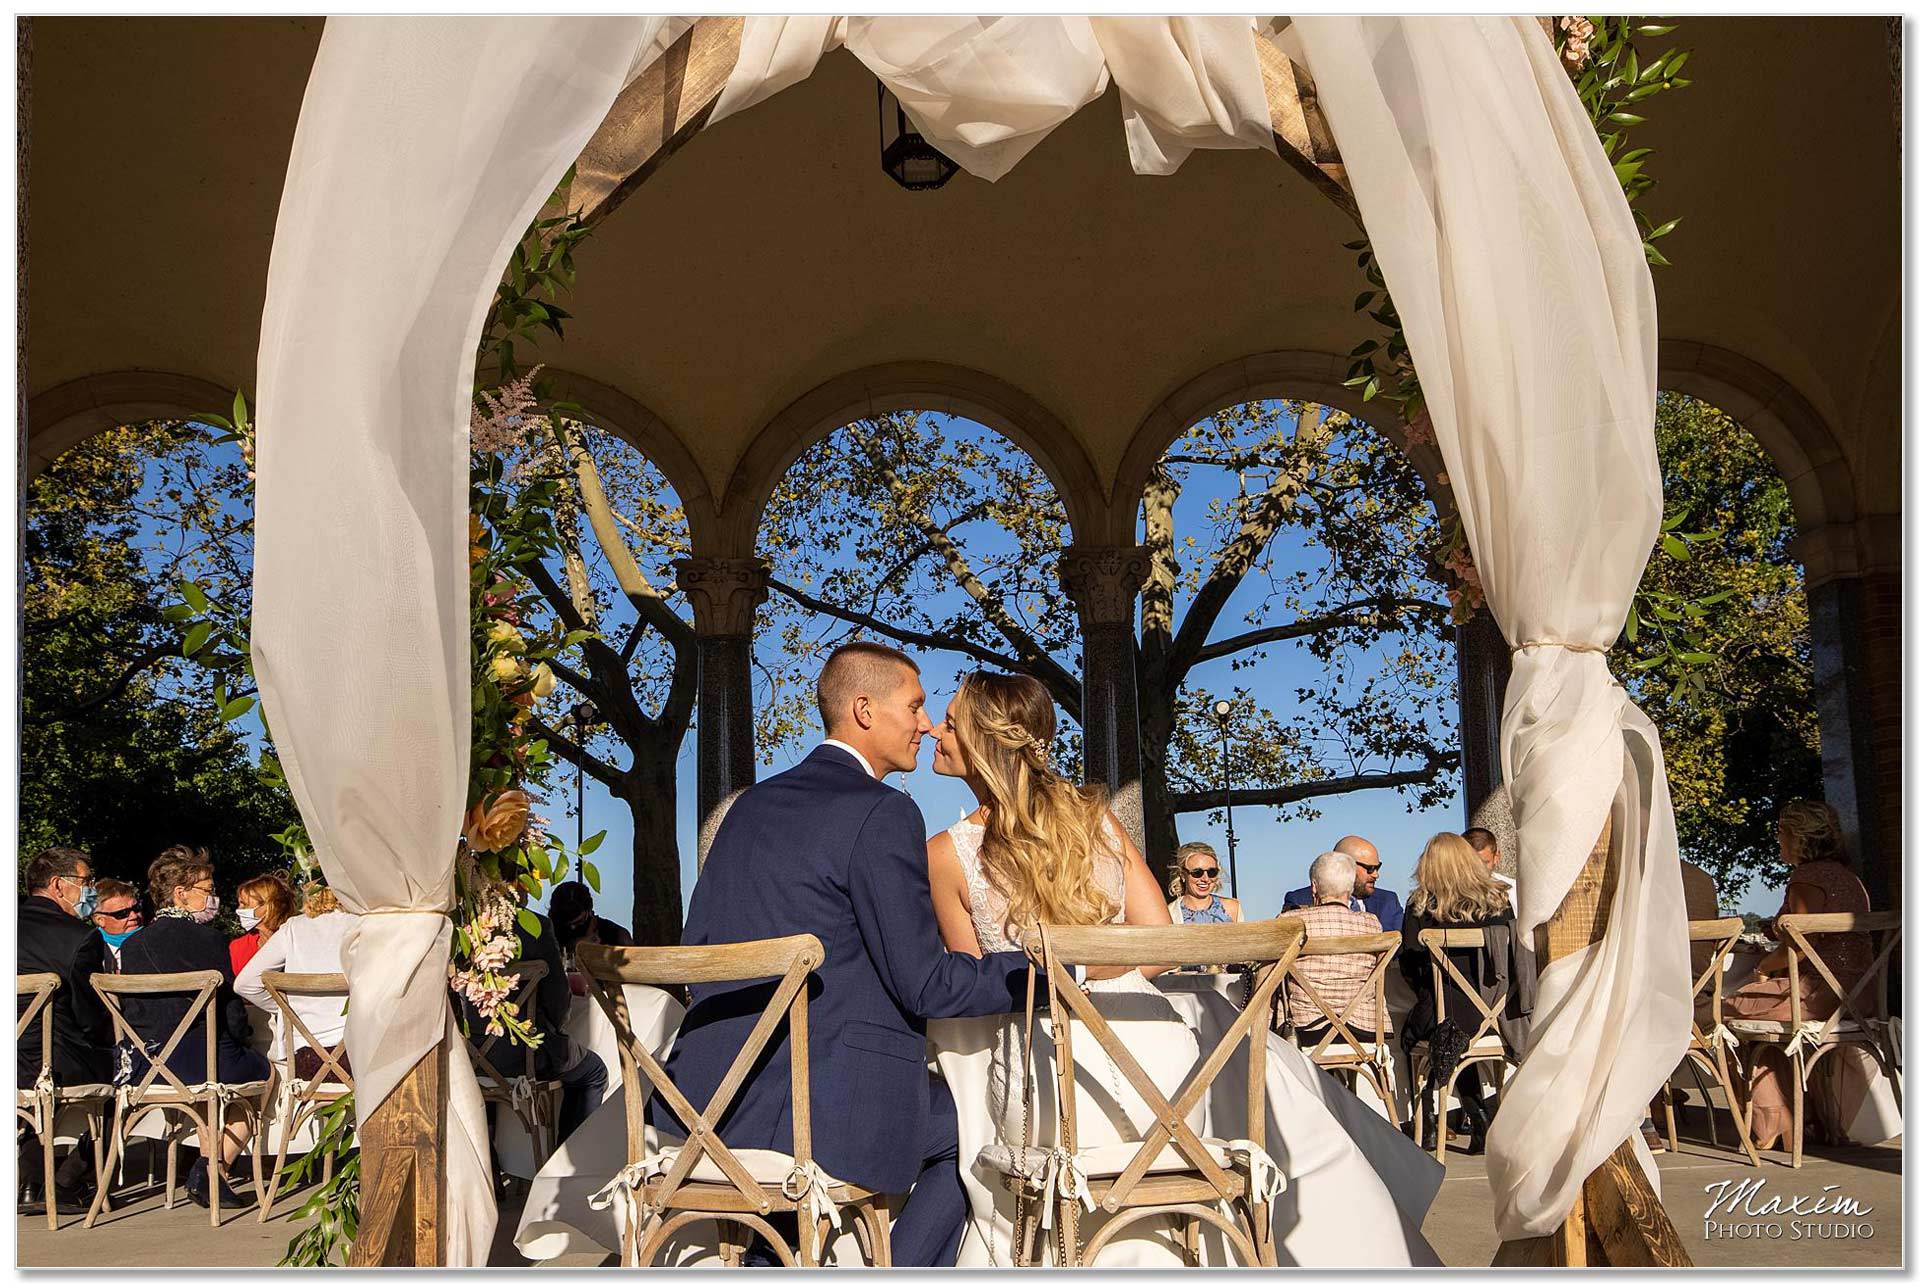 Mt. Echo Park Cincinnati Wedding Reception Couple